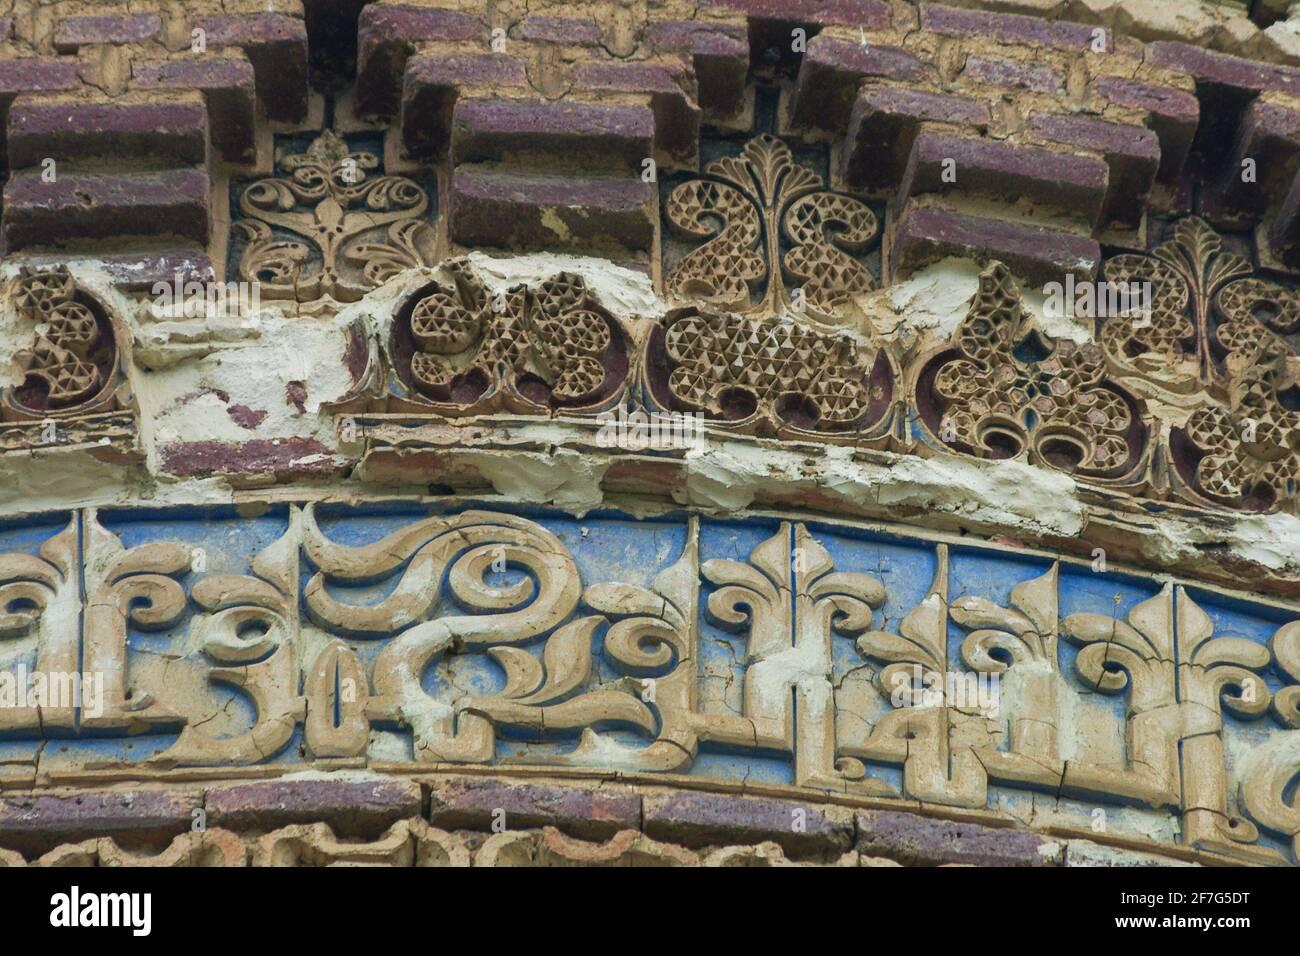 Particolare di iscrizioni Kufic stucco, Resget, torre della tomba, Mazanderan, Iran Foto Stock